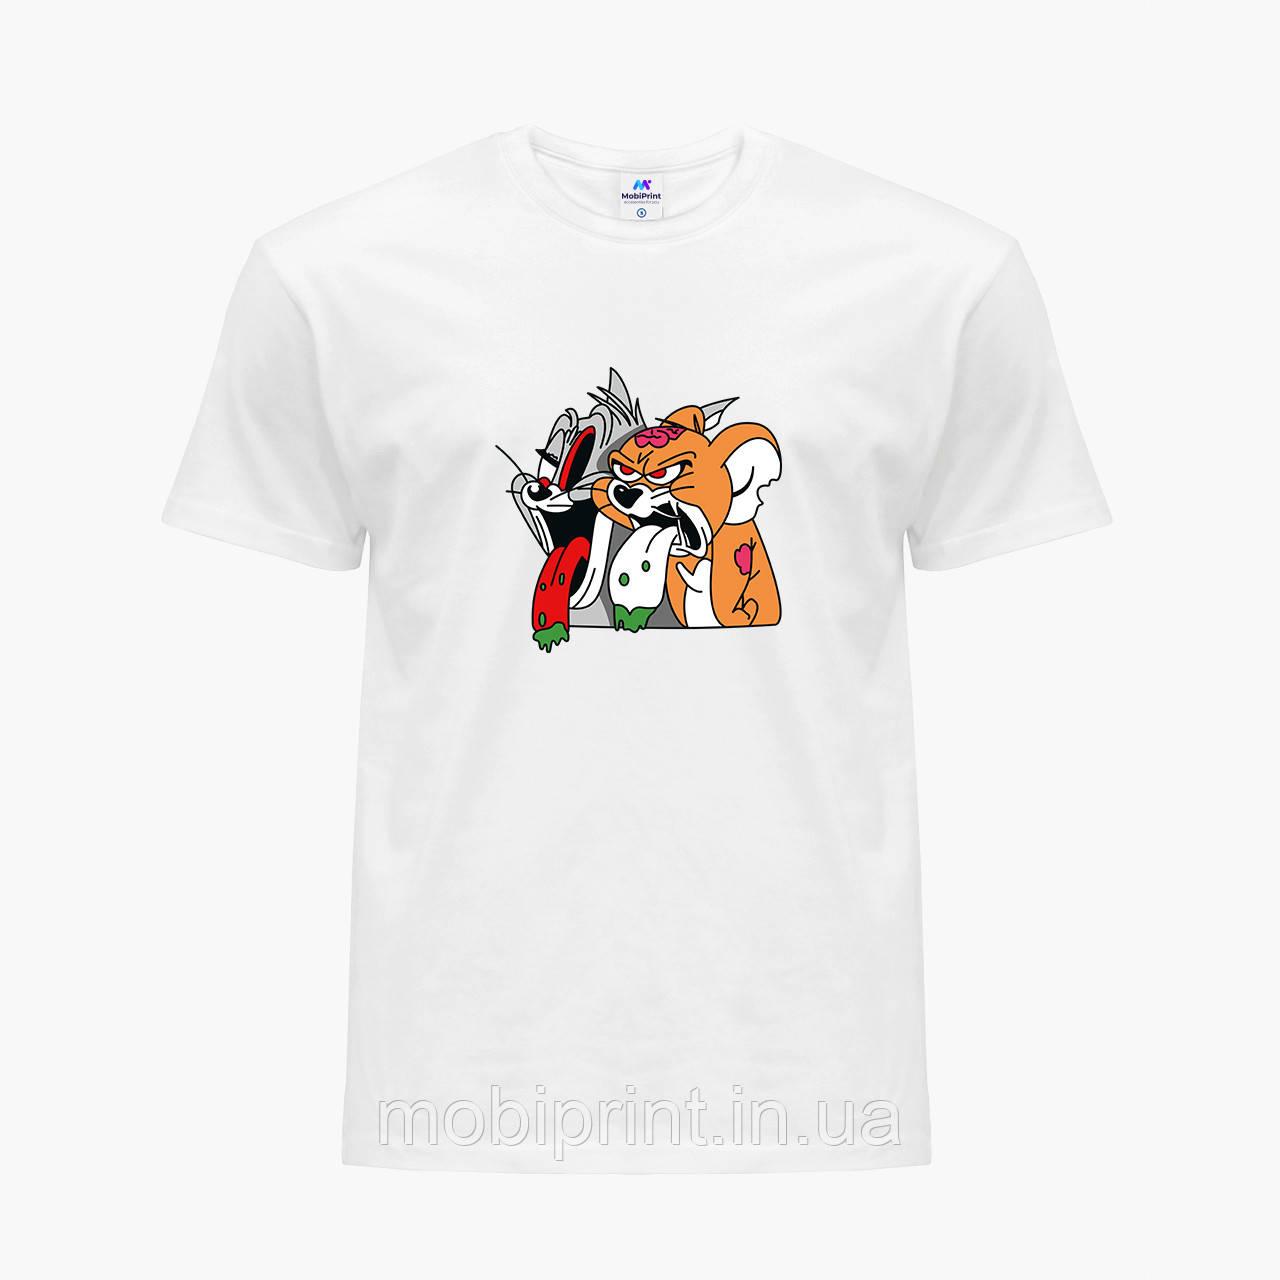 Футболка мужская Том и Джерри (Tom I Jerry) Белый (9223-2089)